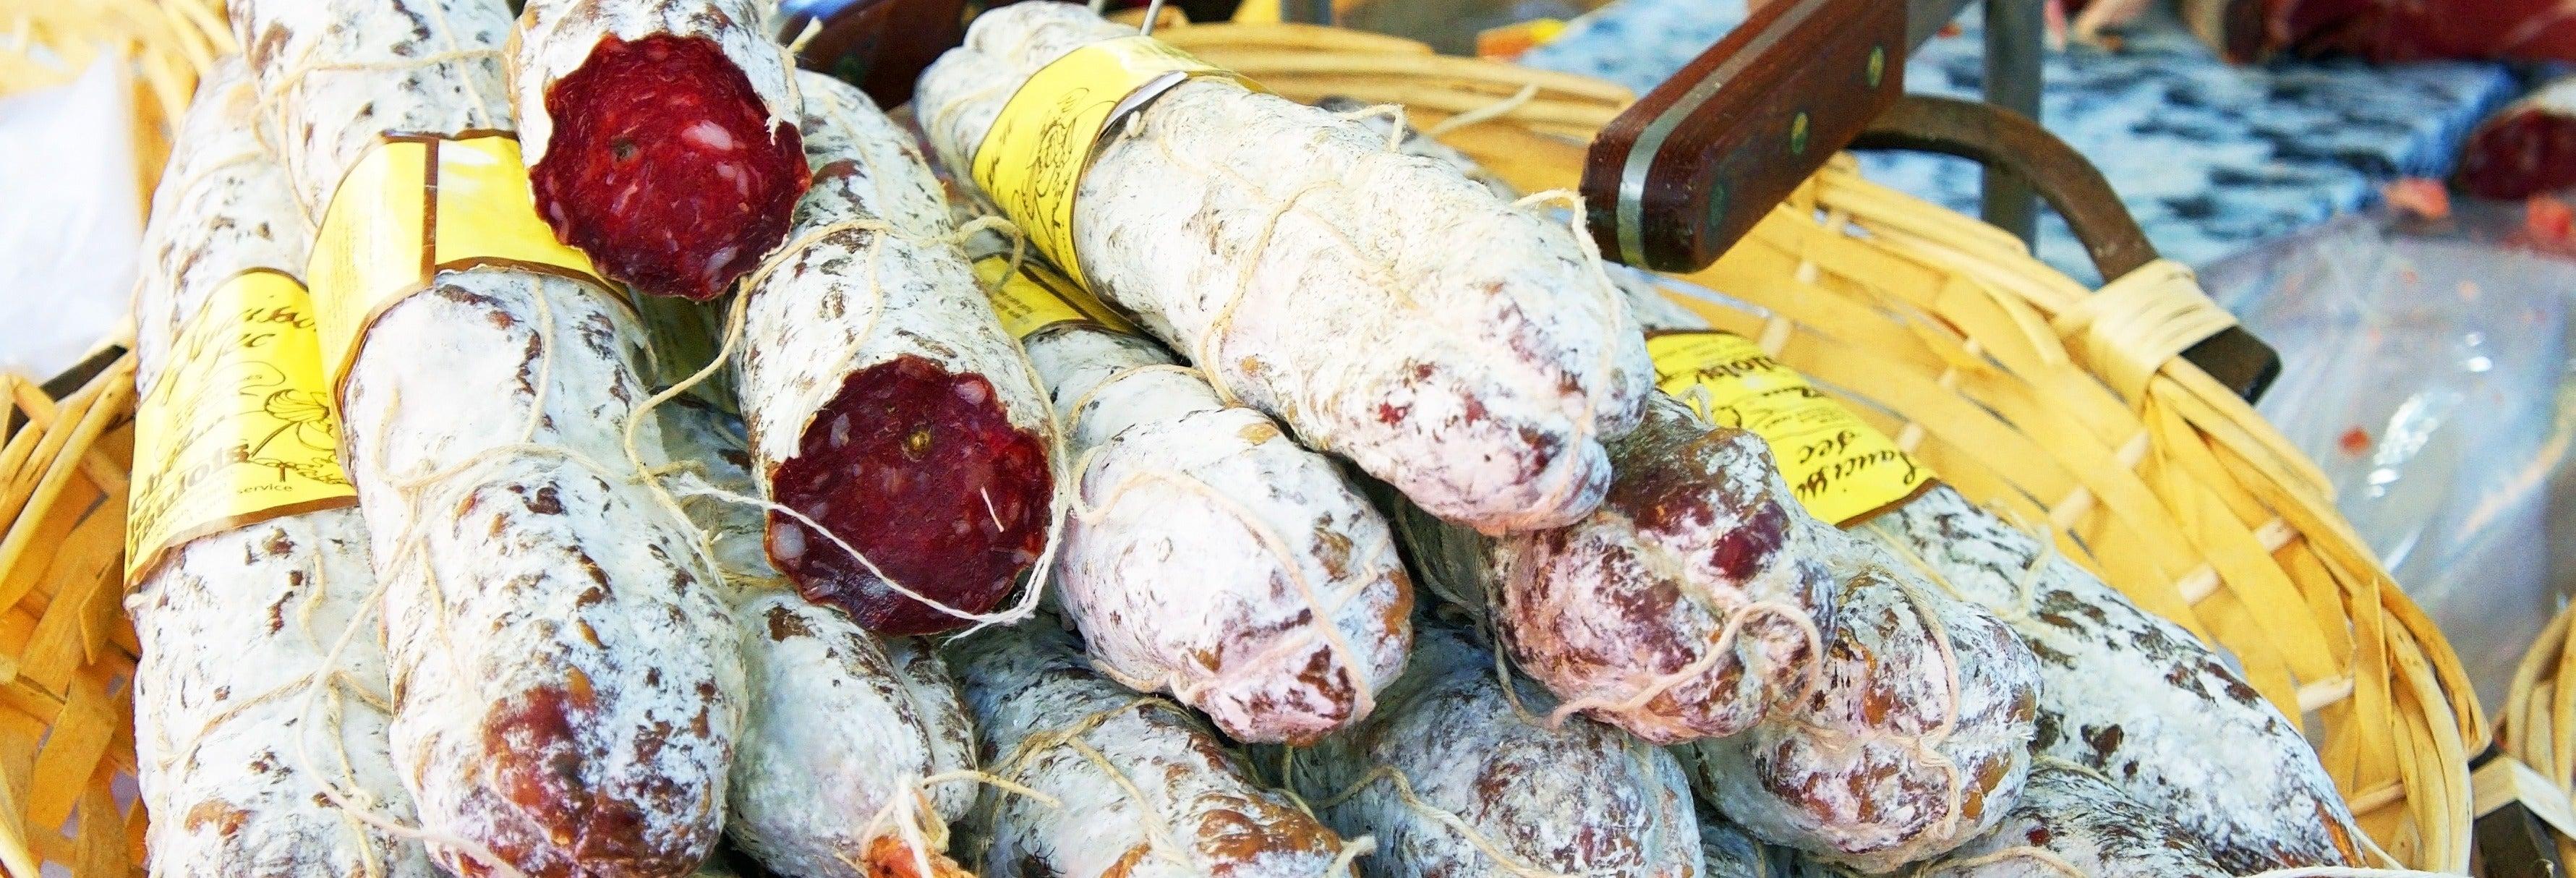 Tour gastronômico pelo mercado de Aix-en-Provence